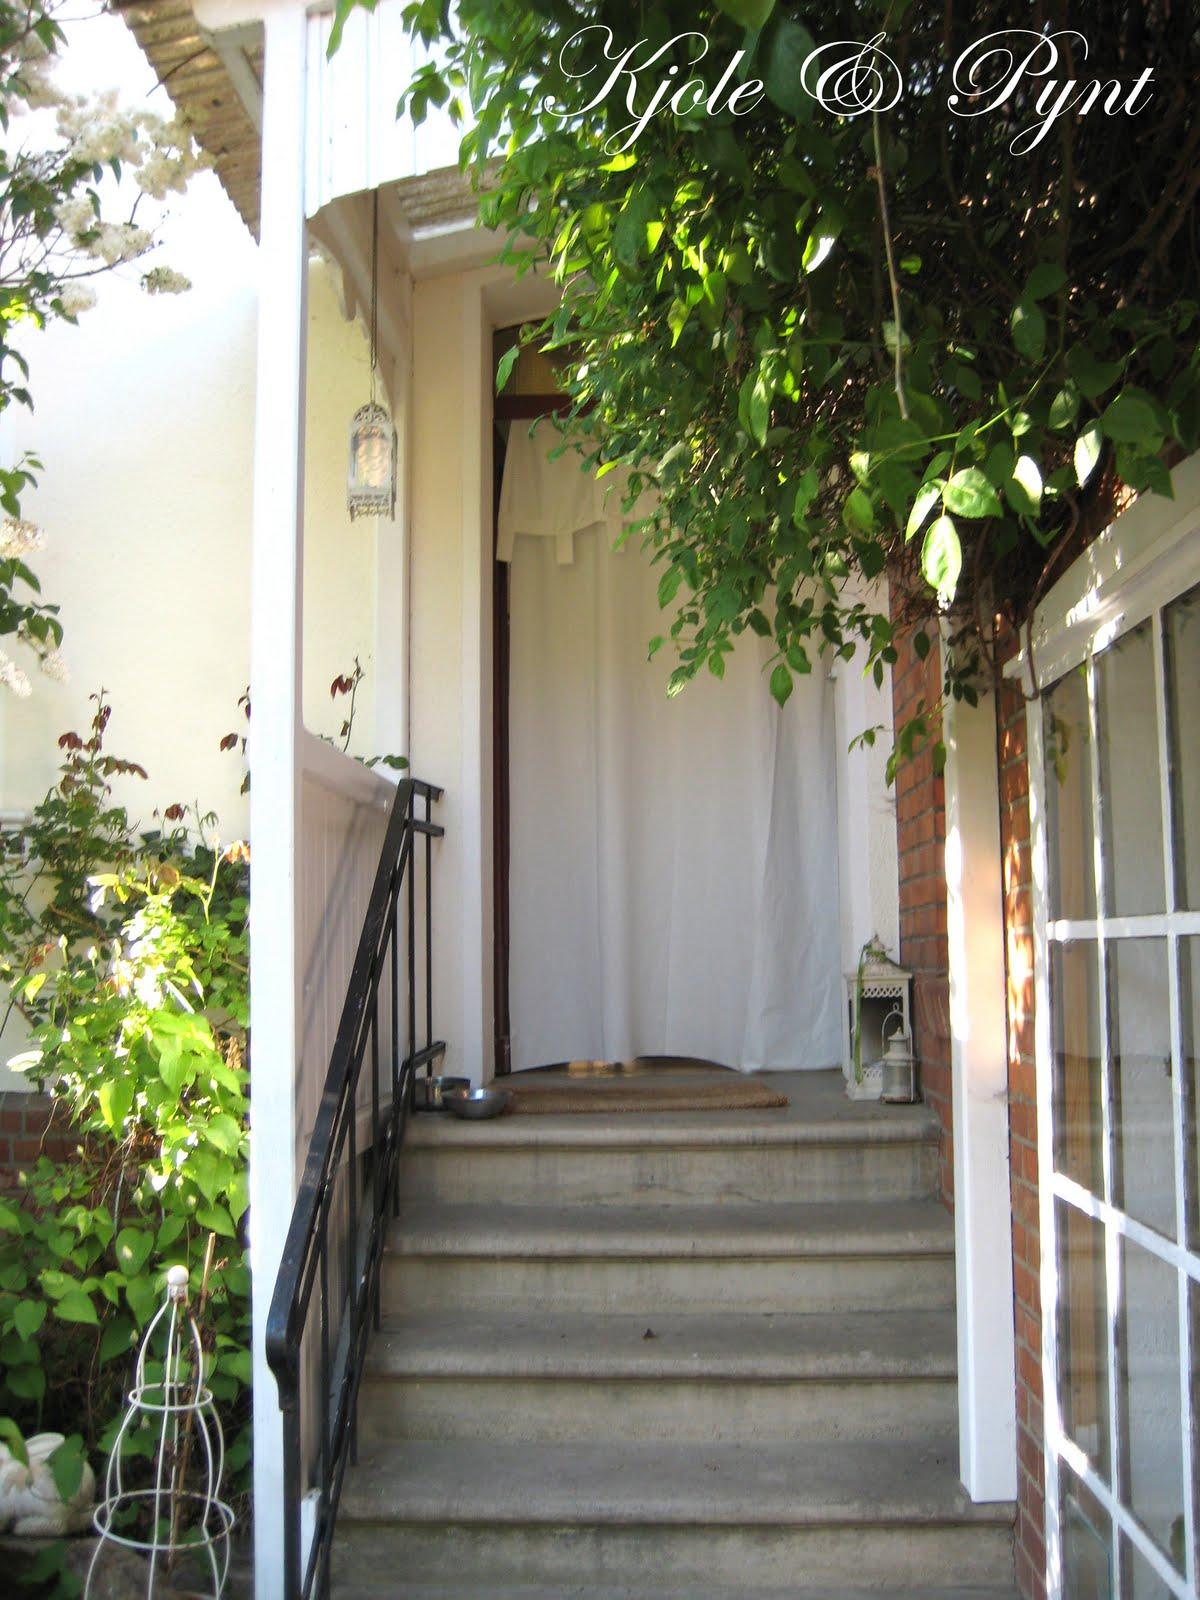 seidenfeins blog vom sch nen landleben treppen f r den gro en auftritt staircases. Black Bedroom Furniture Sets. Home Design Ideas